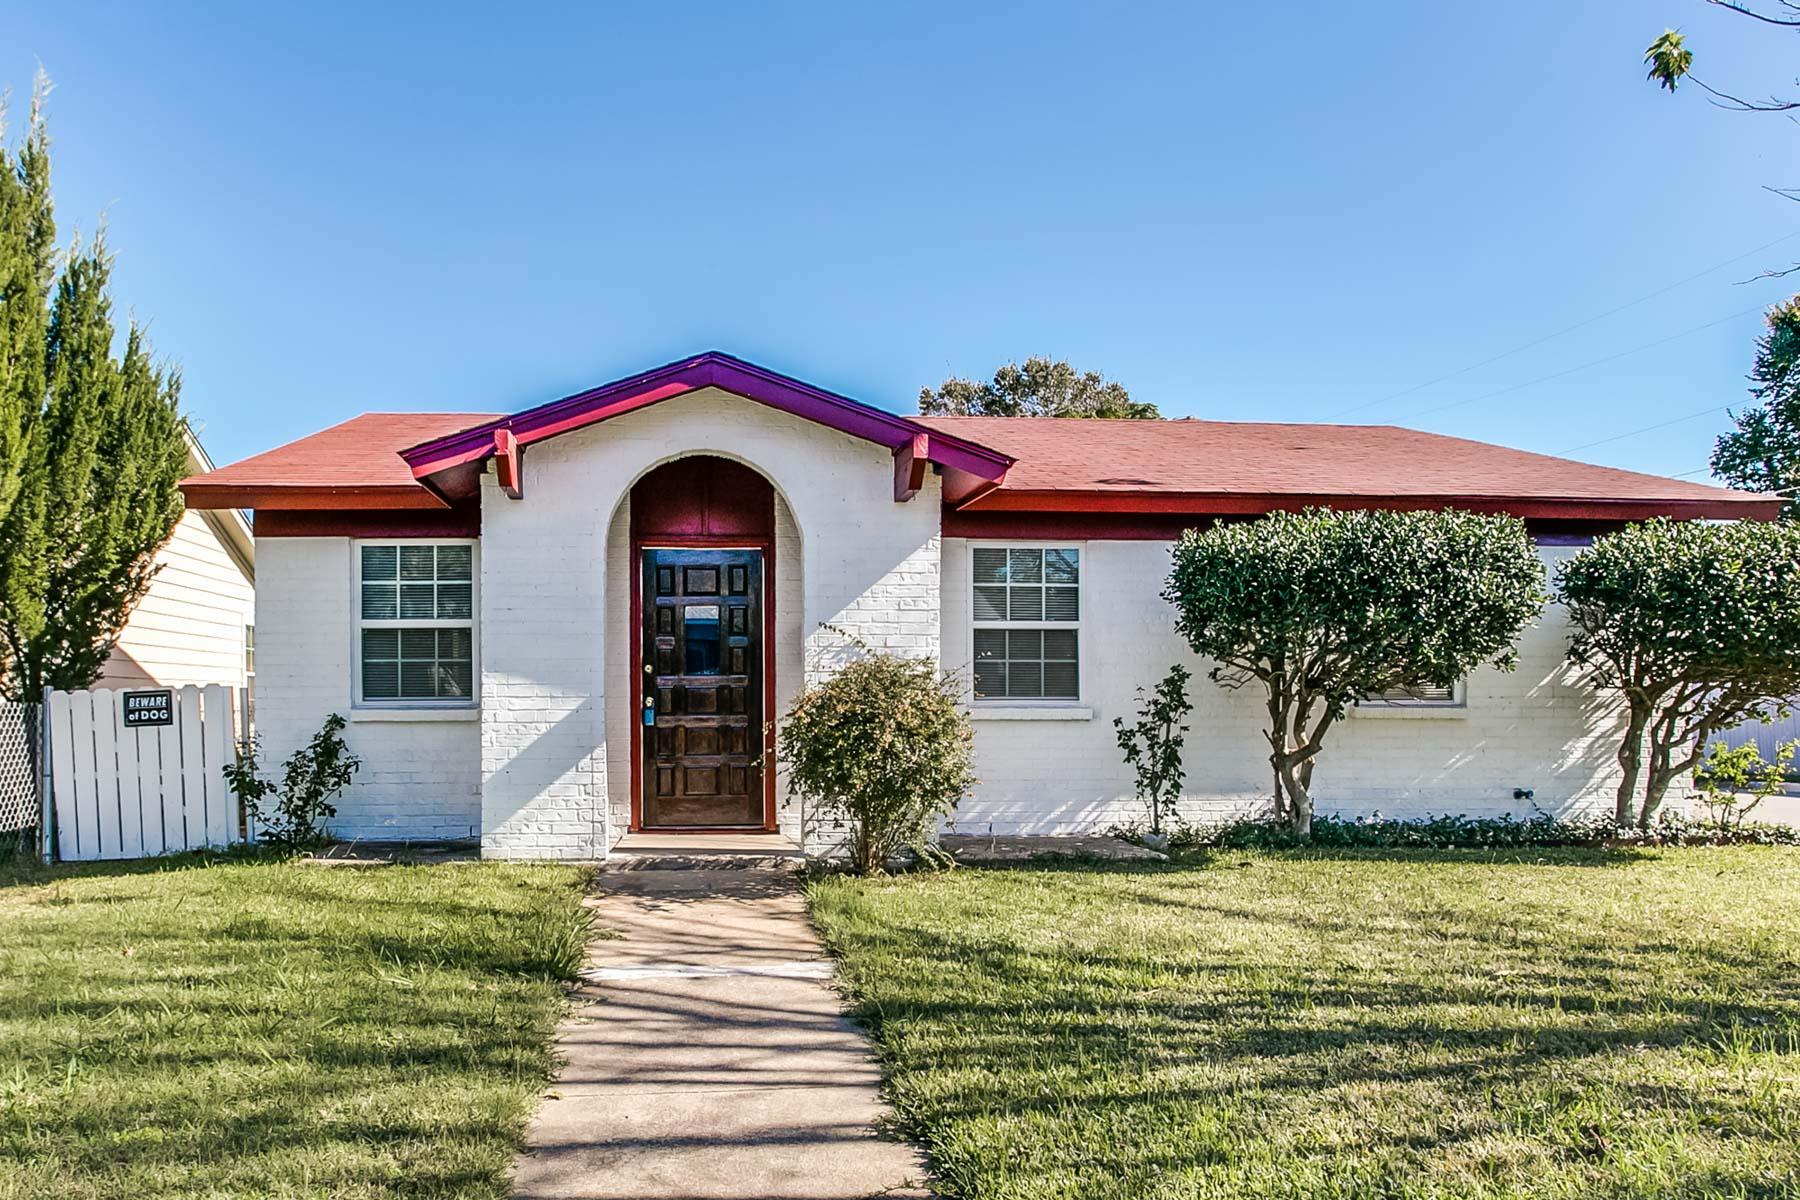 Einfamilienhaus für Verkauf beim 3643 College Ave, Fort Worth Fort Worth, Texas, 76110 Vereinigte Staaten